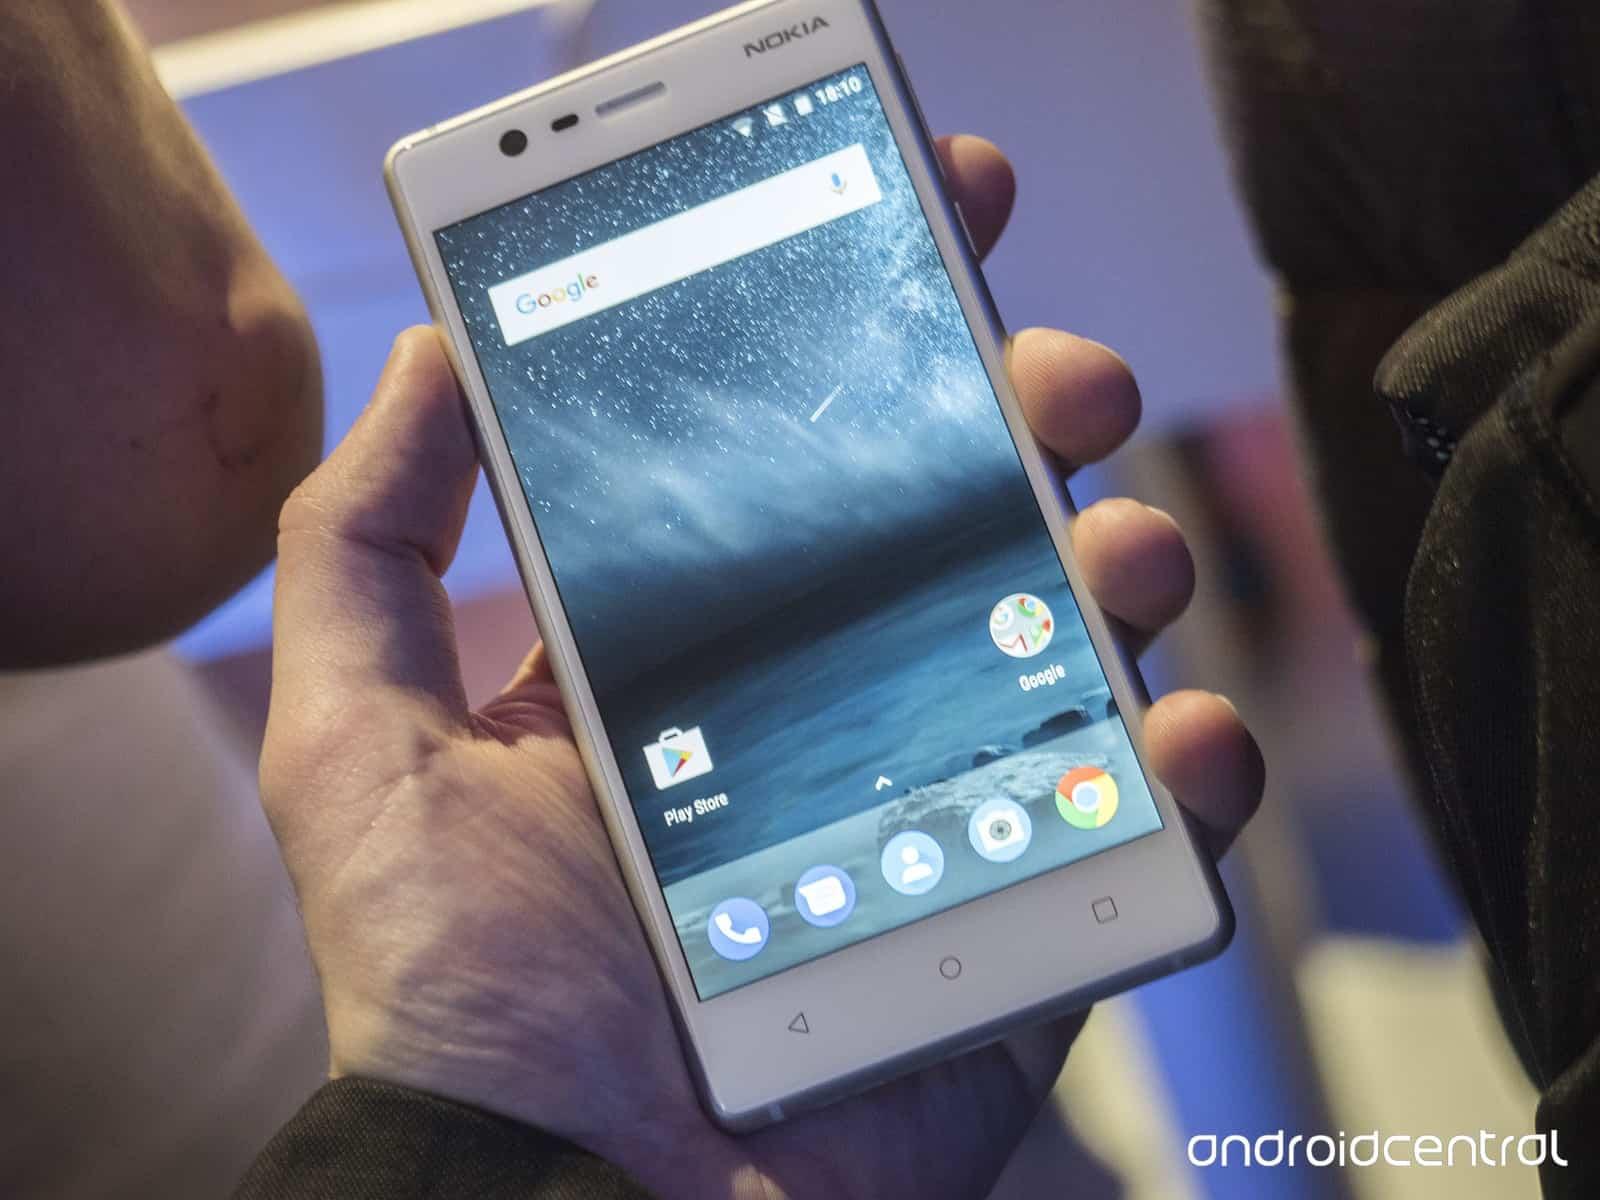 HMD تفي بوعدها. هاتف نوكيا 3 (2017) سيحصل على تحديث أندرويد9!